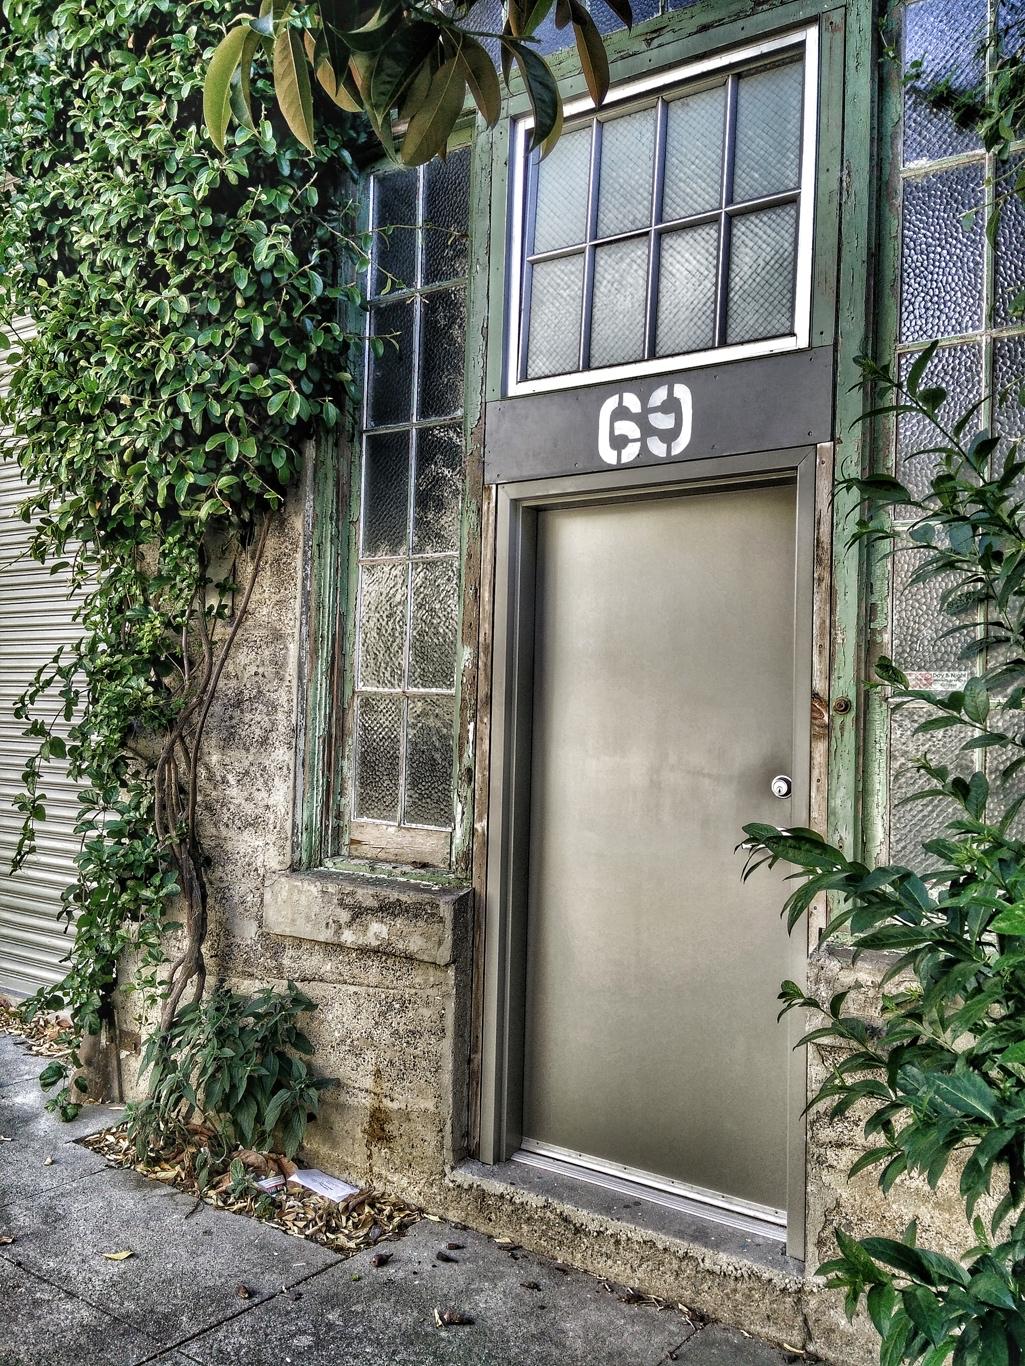 Rod Serling: door street - 69., photography - voiceofsf | ello